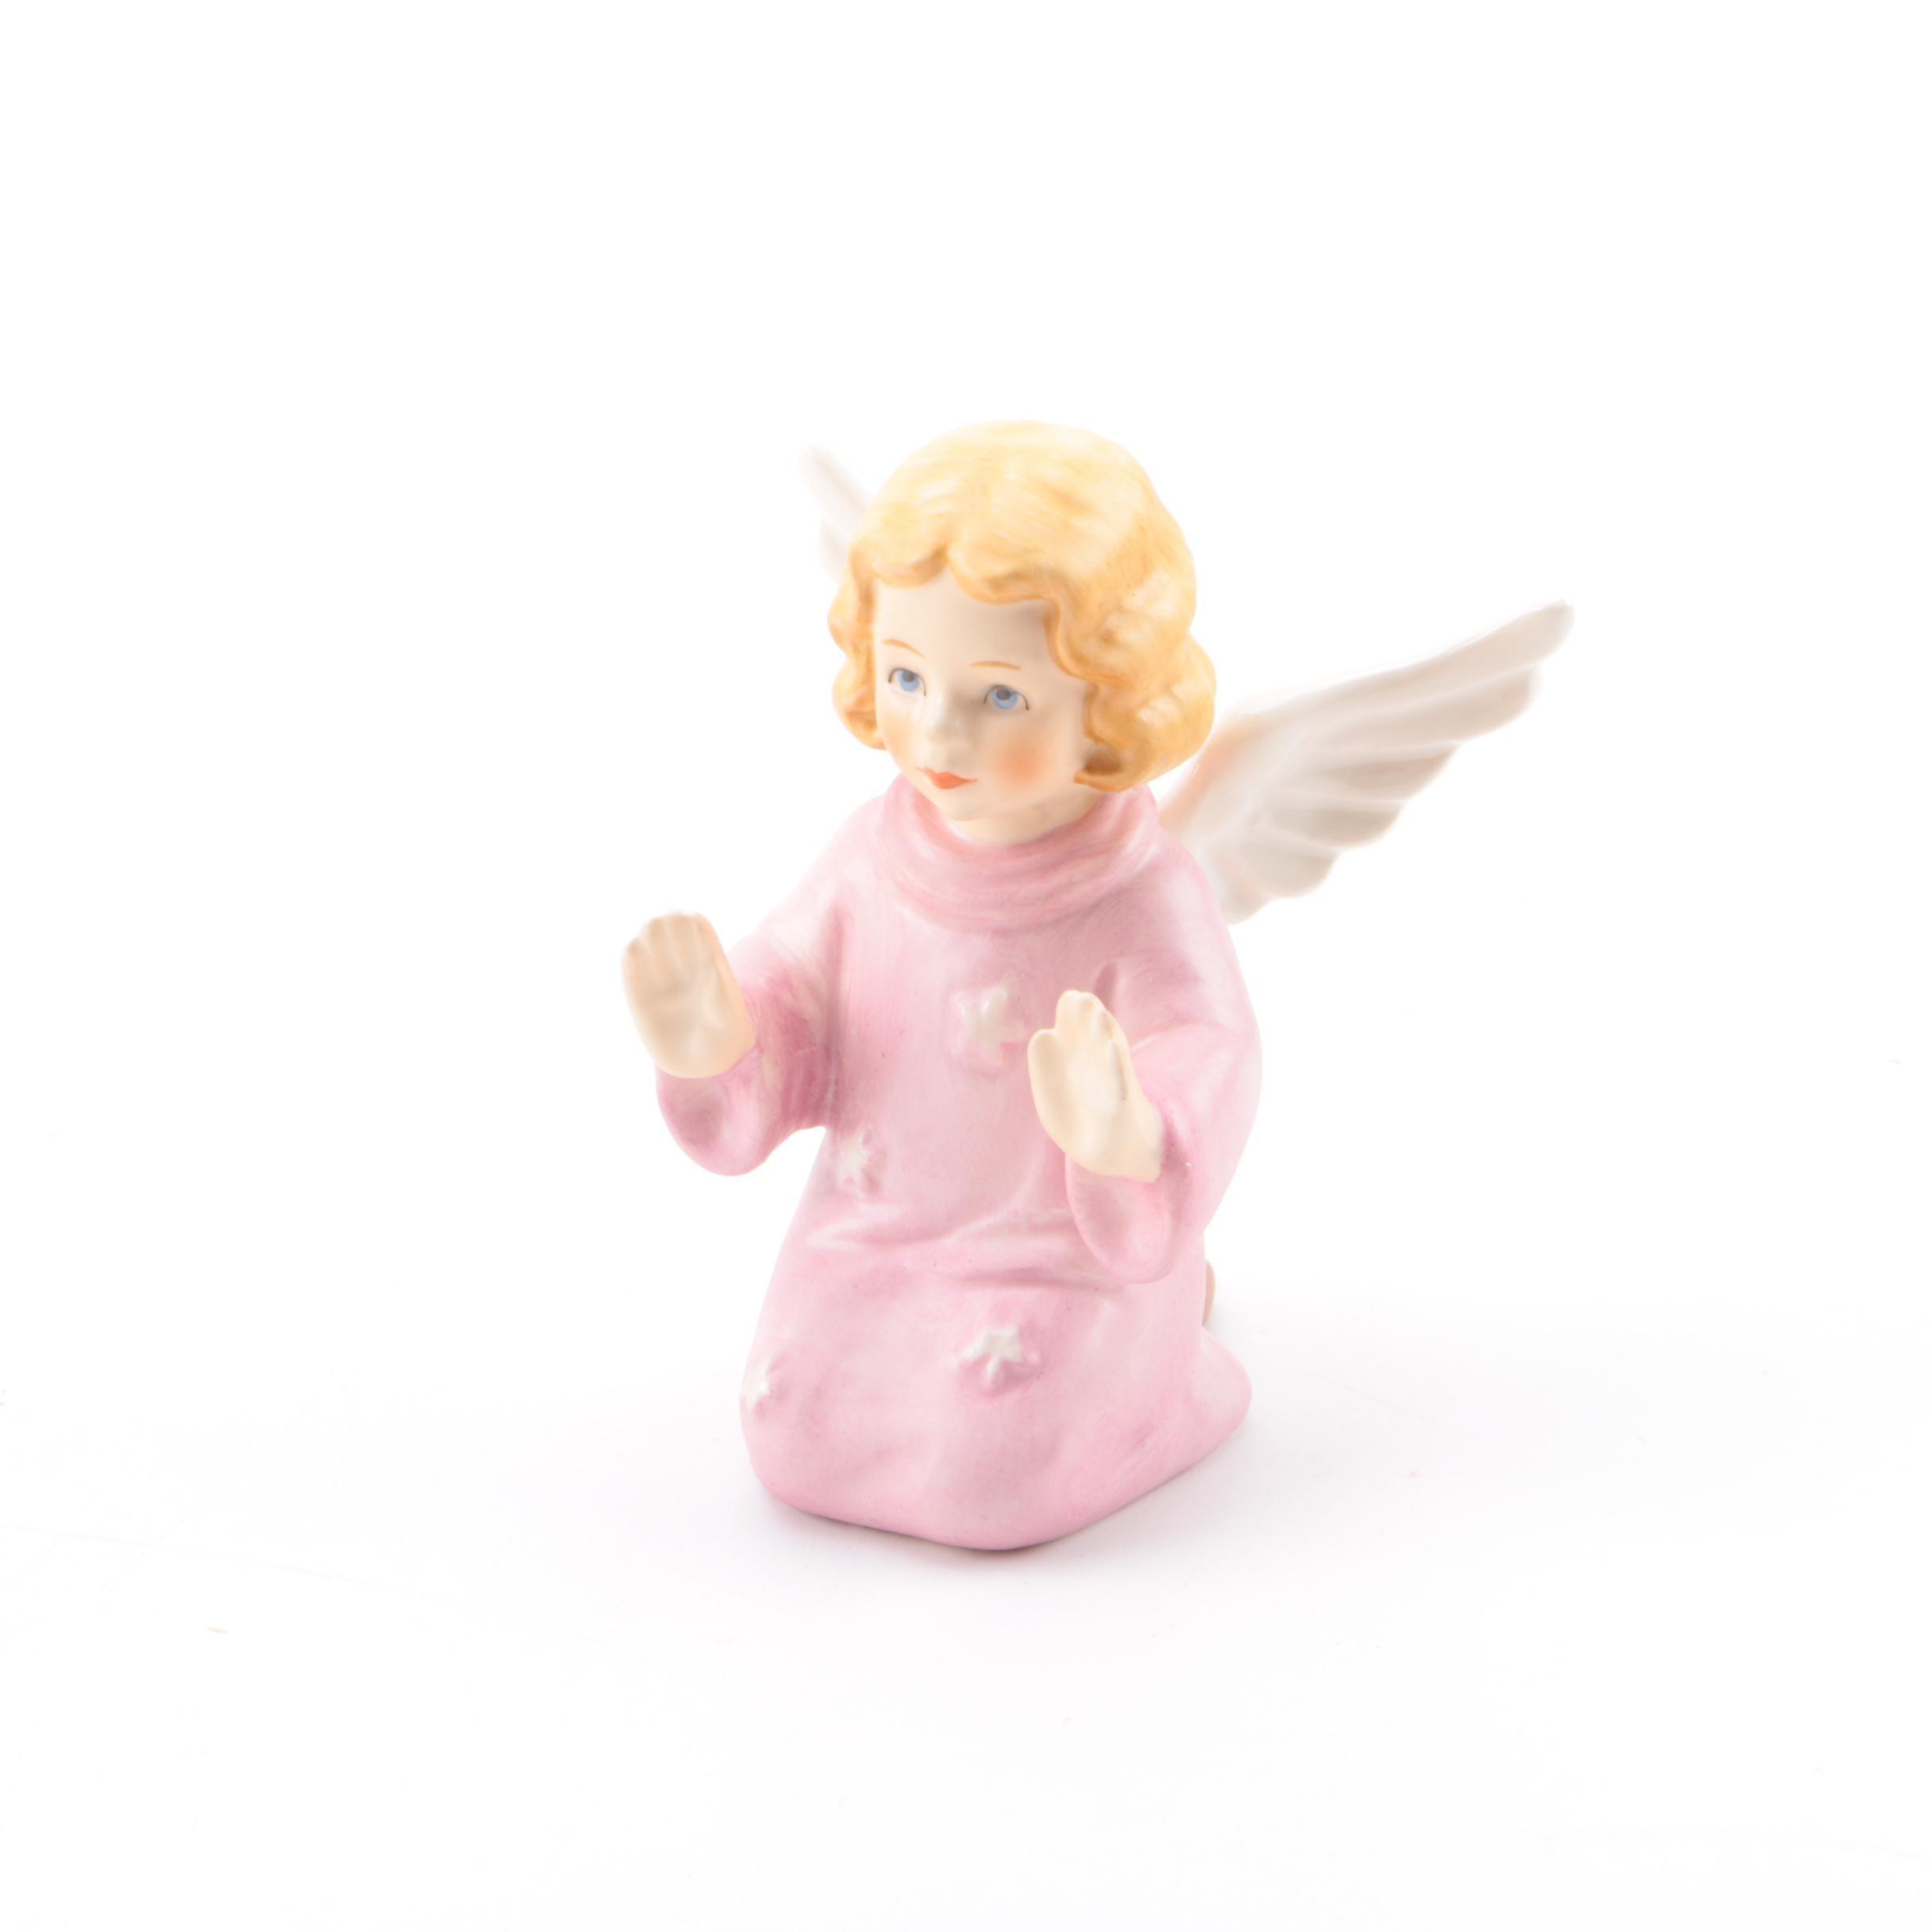 Vintage Geobel Porcelain Angel in Pink Figurine